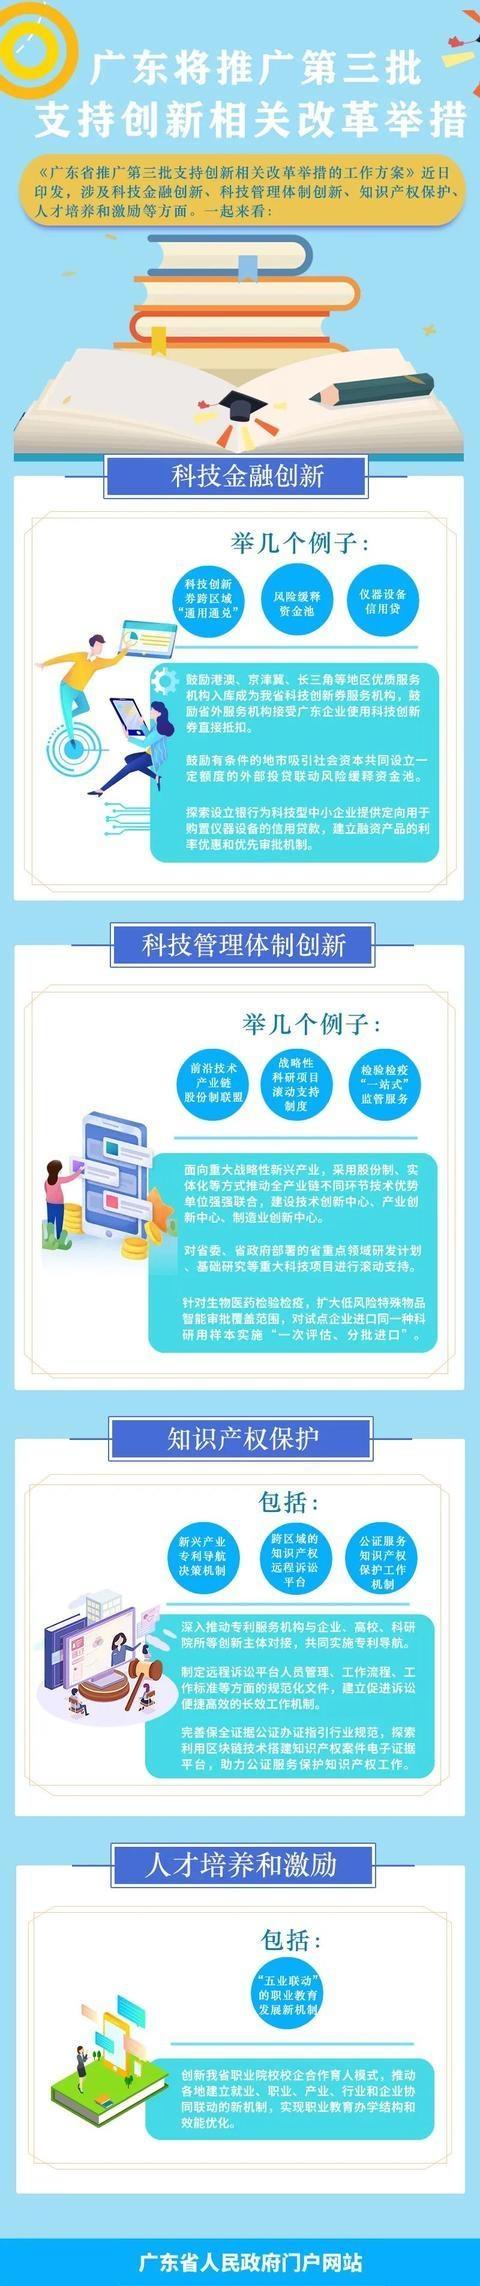 广东推广16项支持创新改革举措,涉科技金融创新